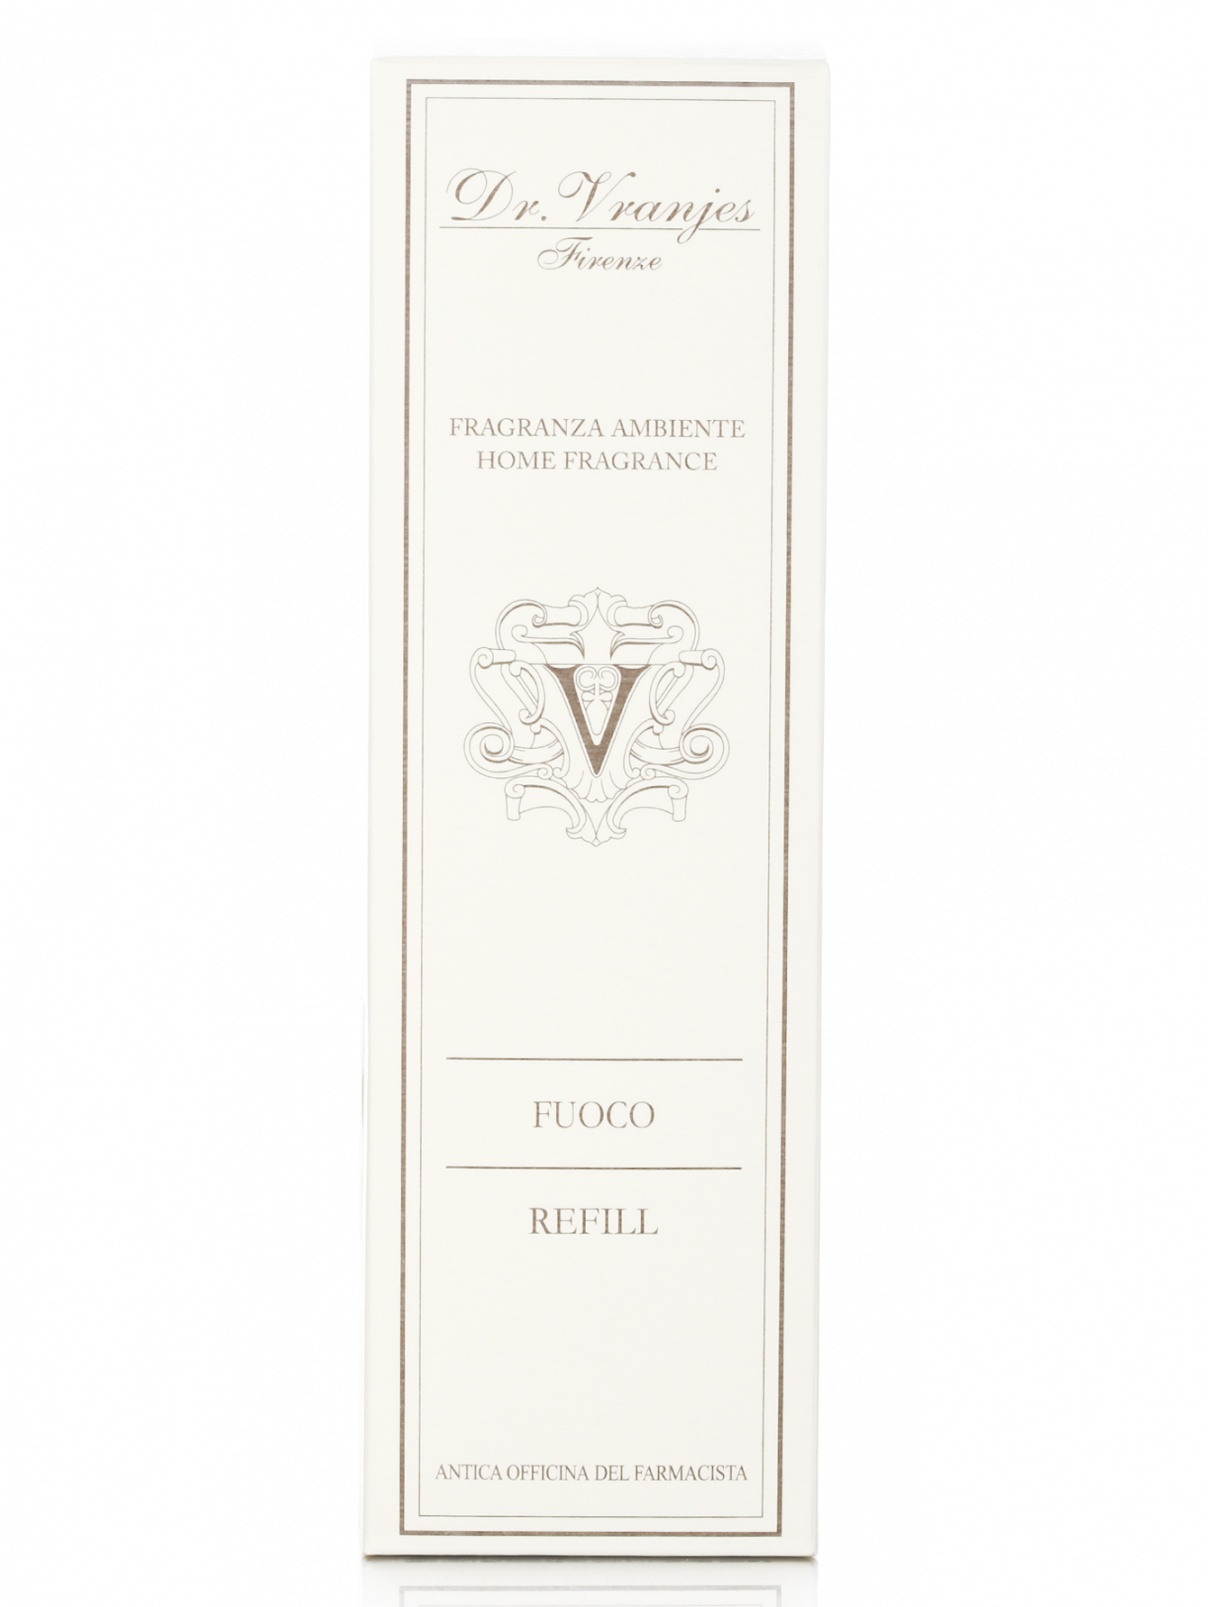 Наполнитель для диффузора Fuoco - Home Fragrance, 500ml Dr. Vranjes  –  Модель Общий вид